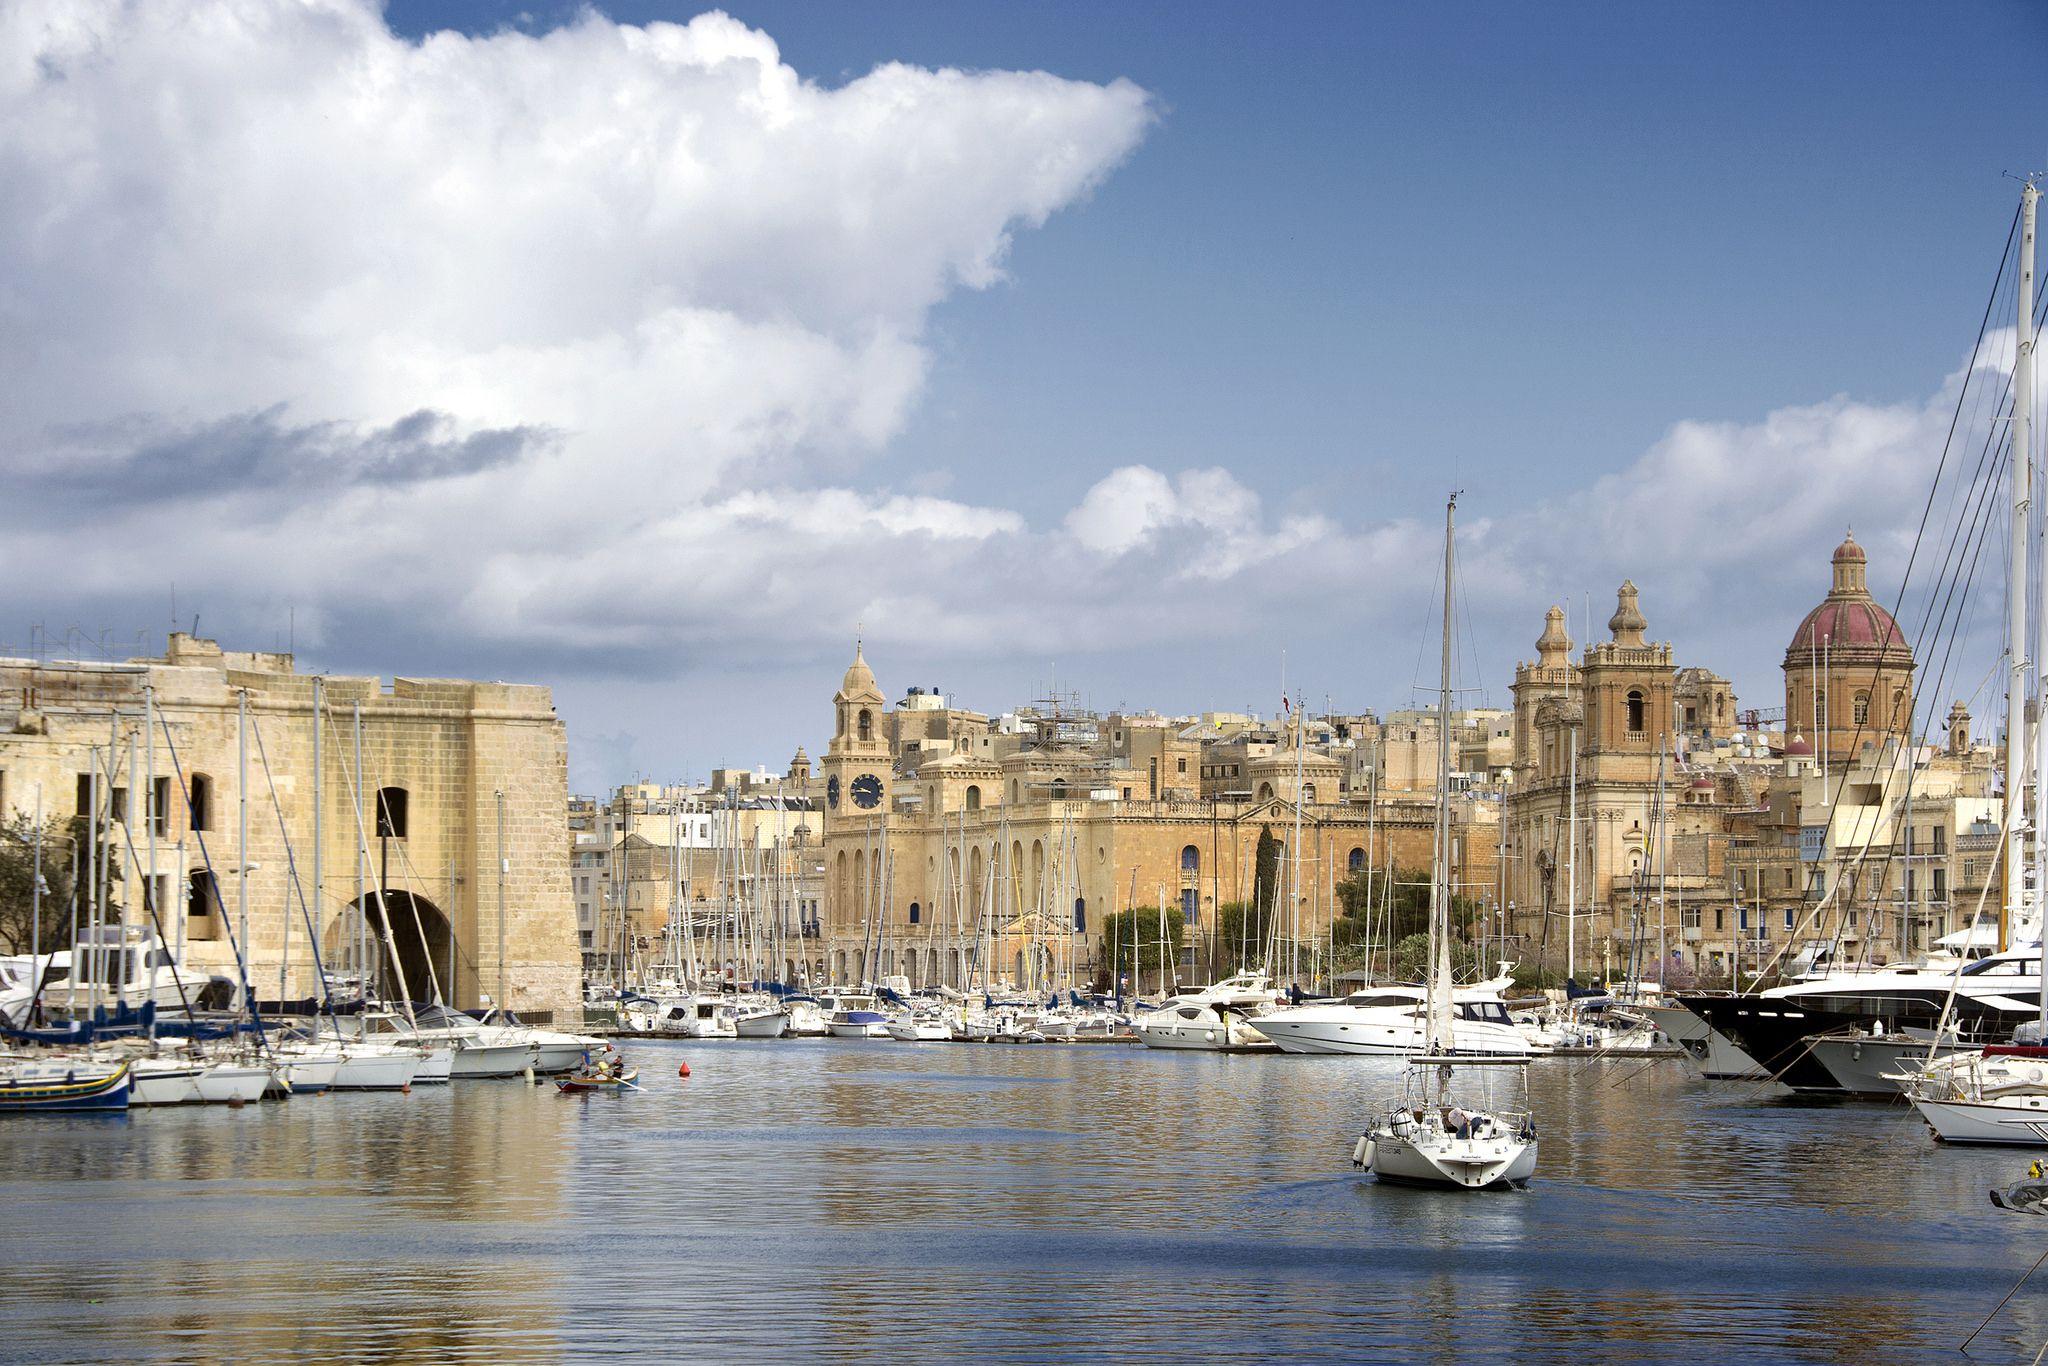 https://flic.kr/p/FeTAPh | Dockyard Creek | Dockyard Creek in Grand Harbour in Malta